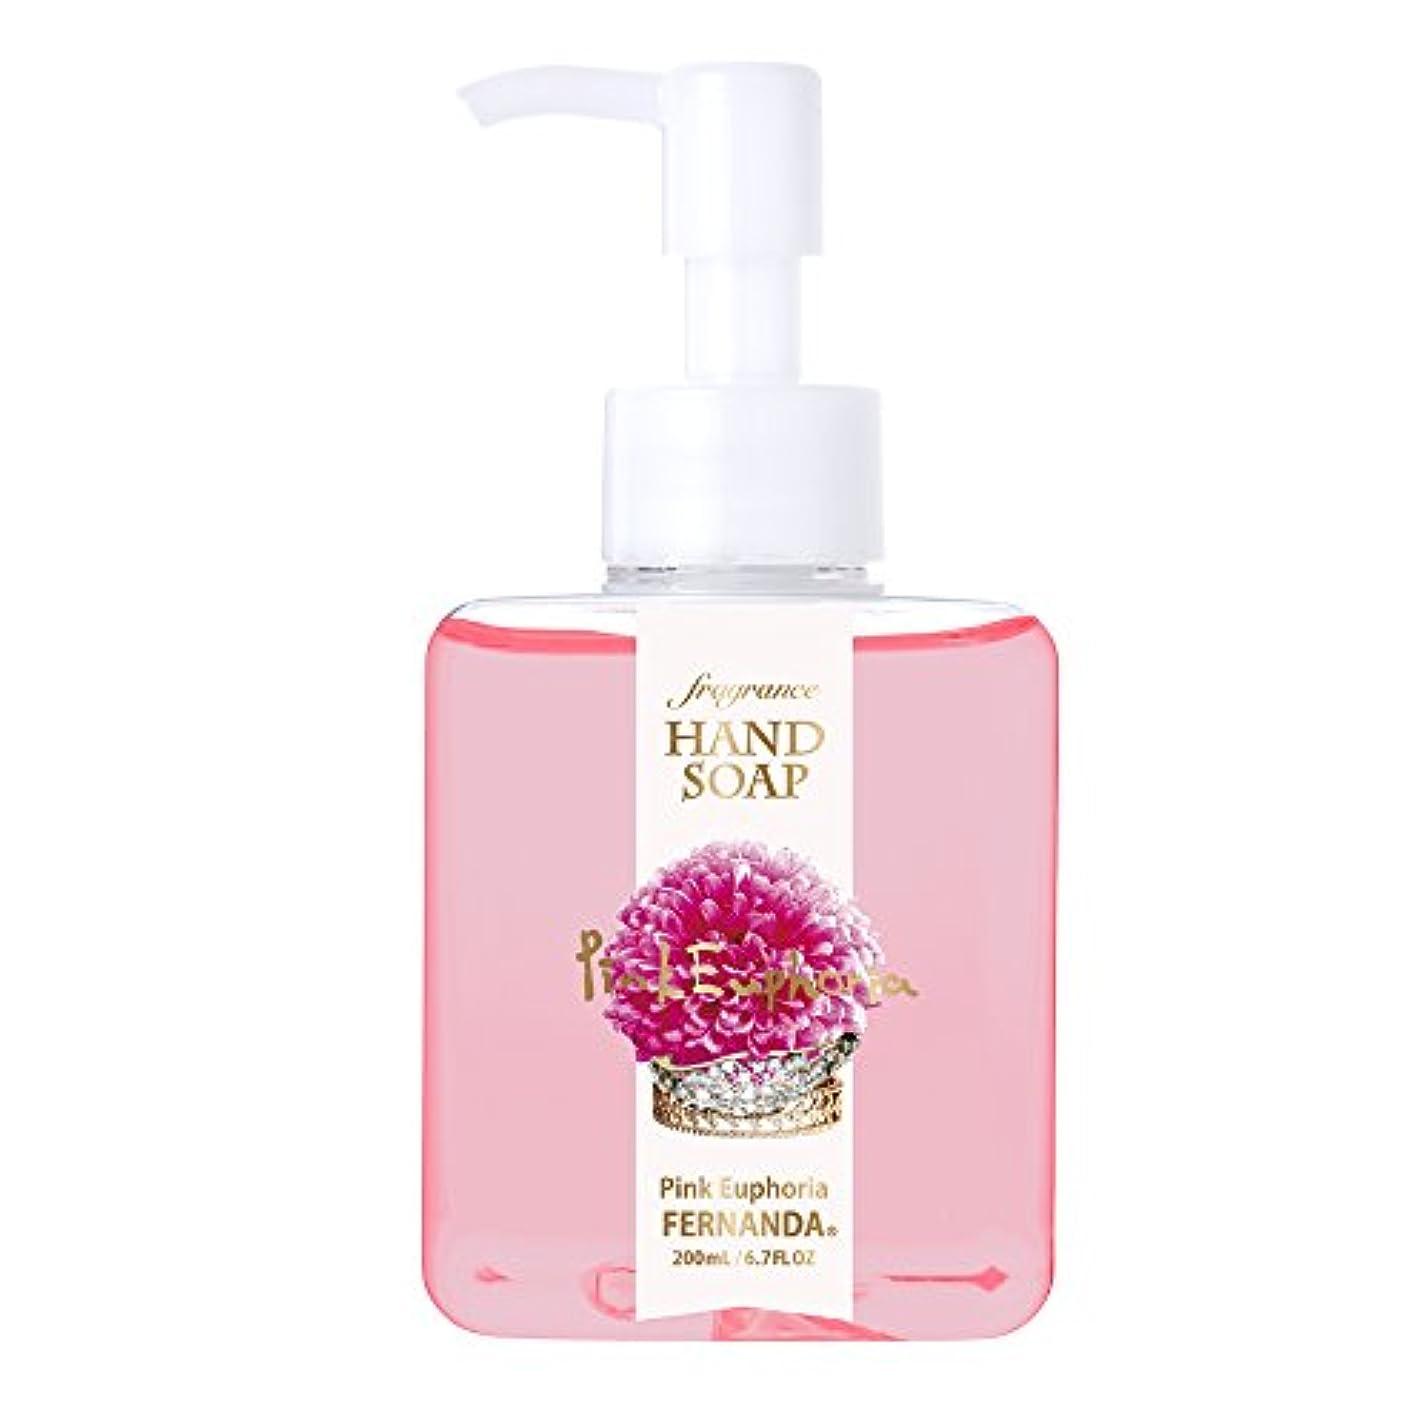 火山半球島FERNANDA(フェルナンダ) Fragrance Hand Soap Pink Euphoria (ハンドソープ ピンクエウフォリア)